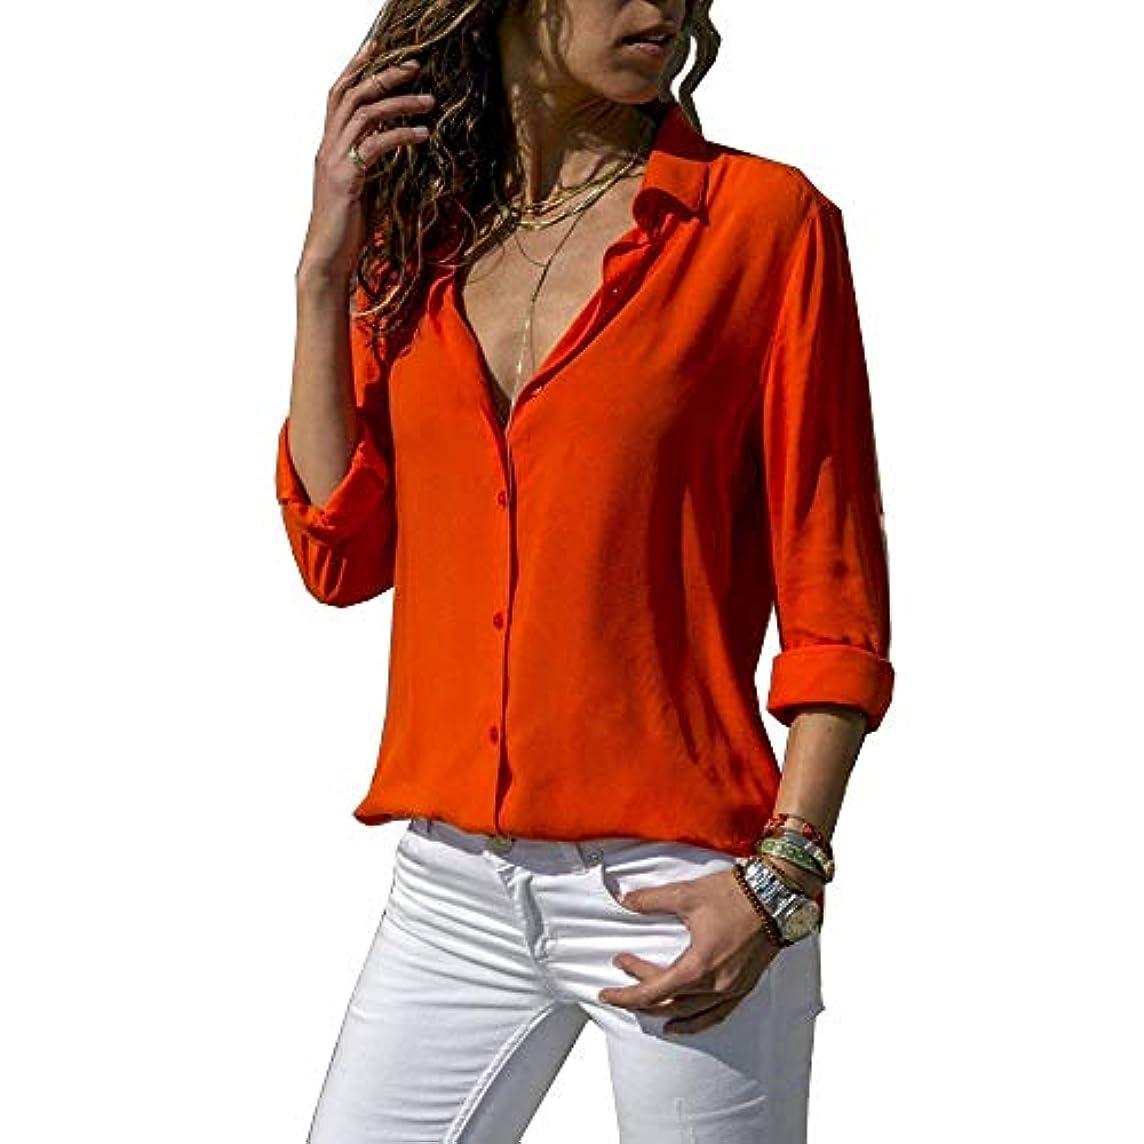 観察けがをするリブMIFAN ルーズシャツ、トップス&Tシャツ、プラスサイズ、トップス&ブラウス、シフォンブラウス、女性トップス、シフォンシャツ